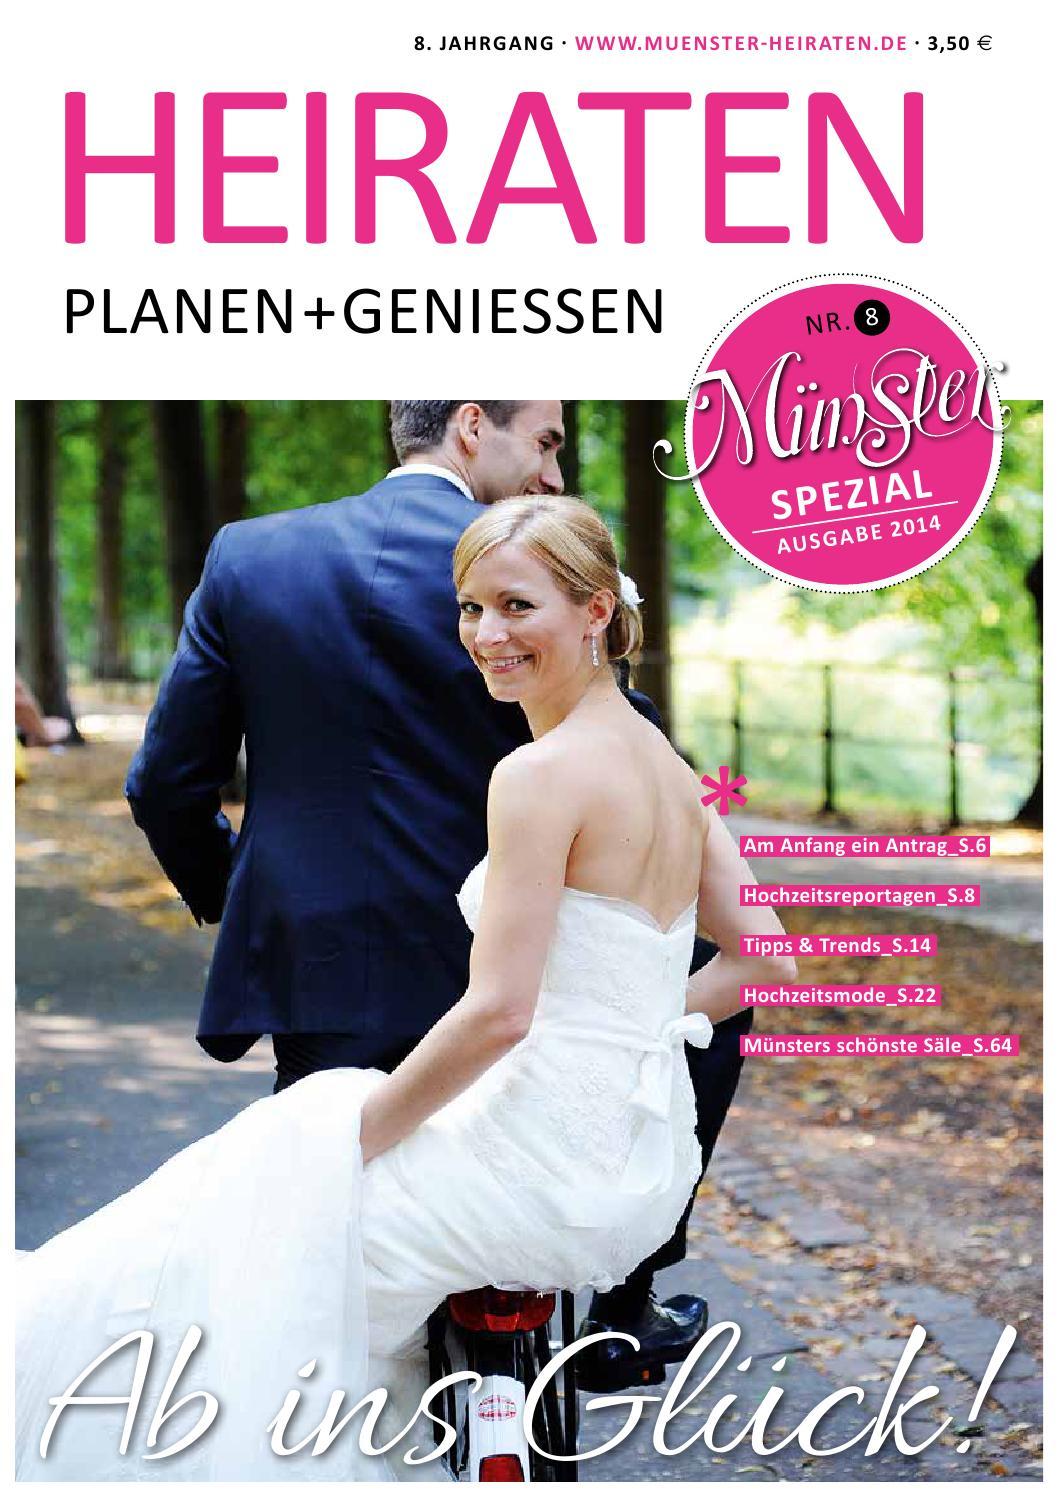 Münster Spezial Heiraten PLANEN + GENIESSEN by Tips Verlag GmbH - issuu